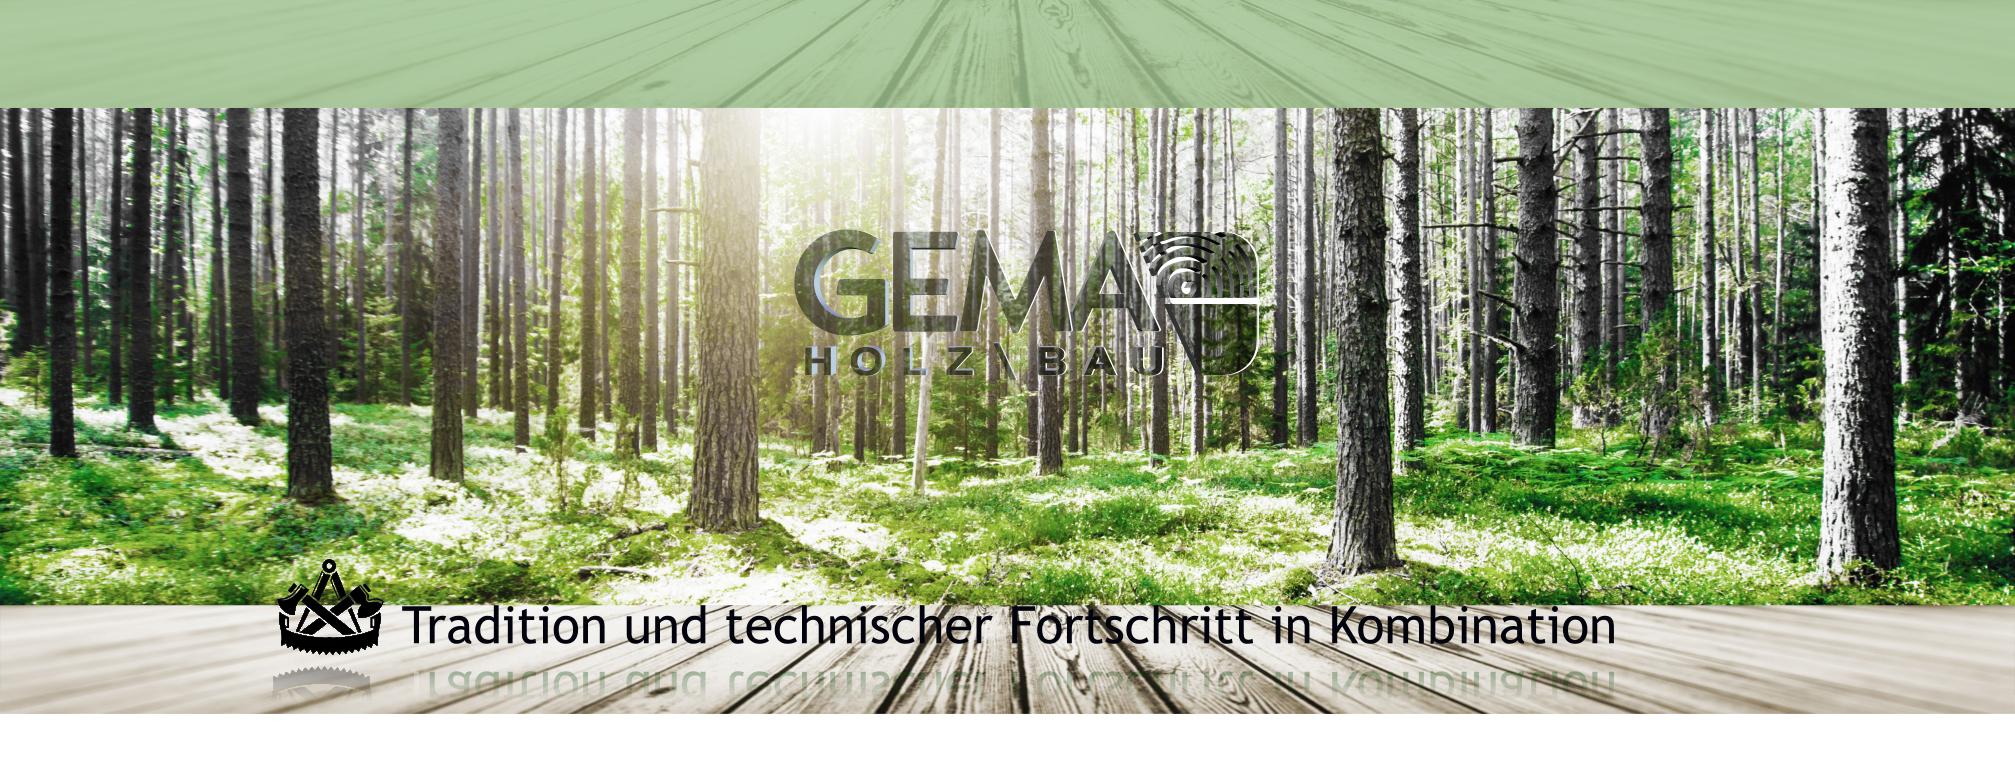 Holzbau Gema – Holzbau aus Tirol